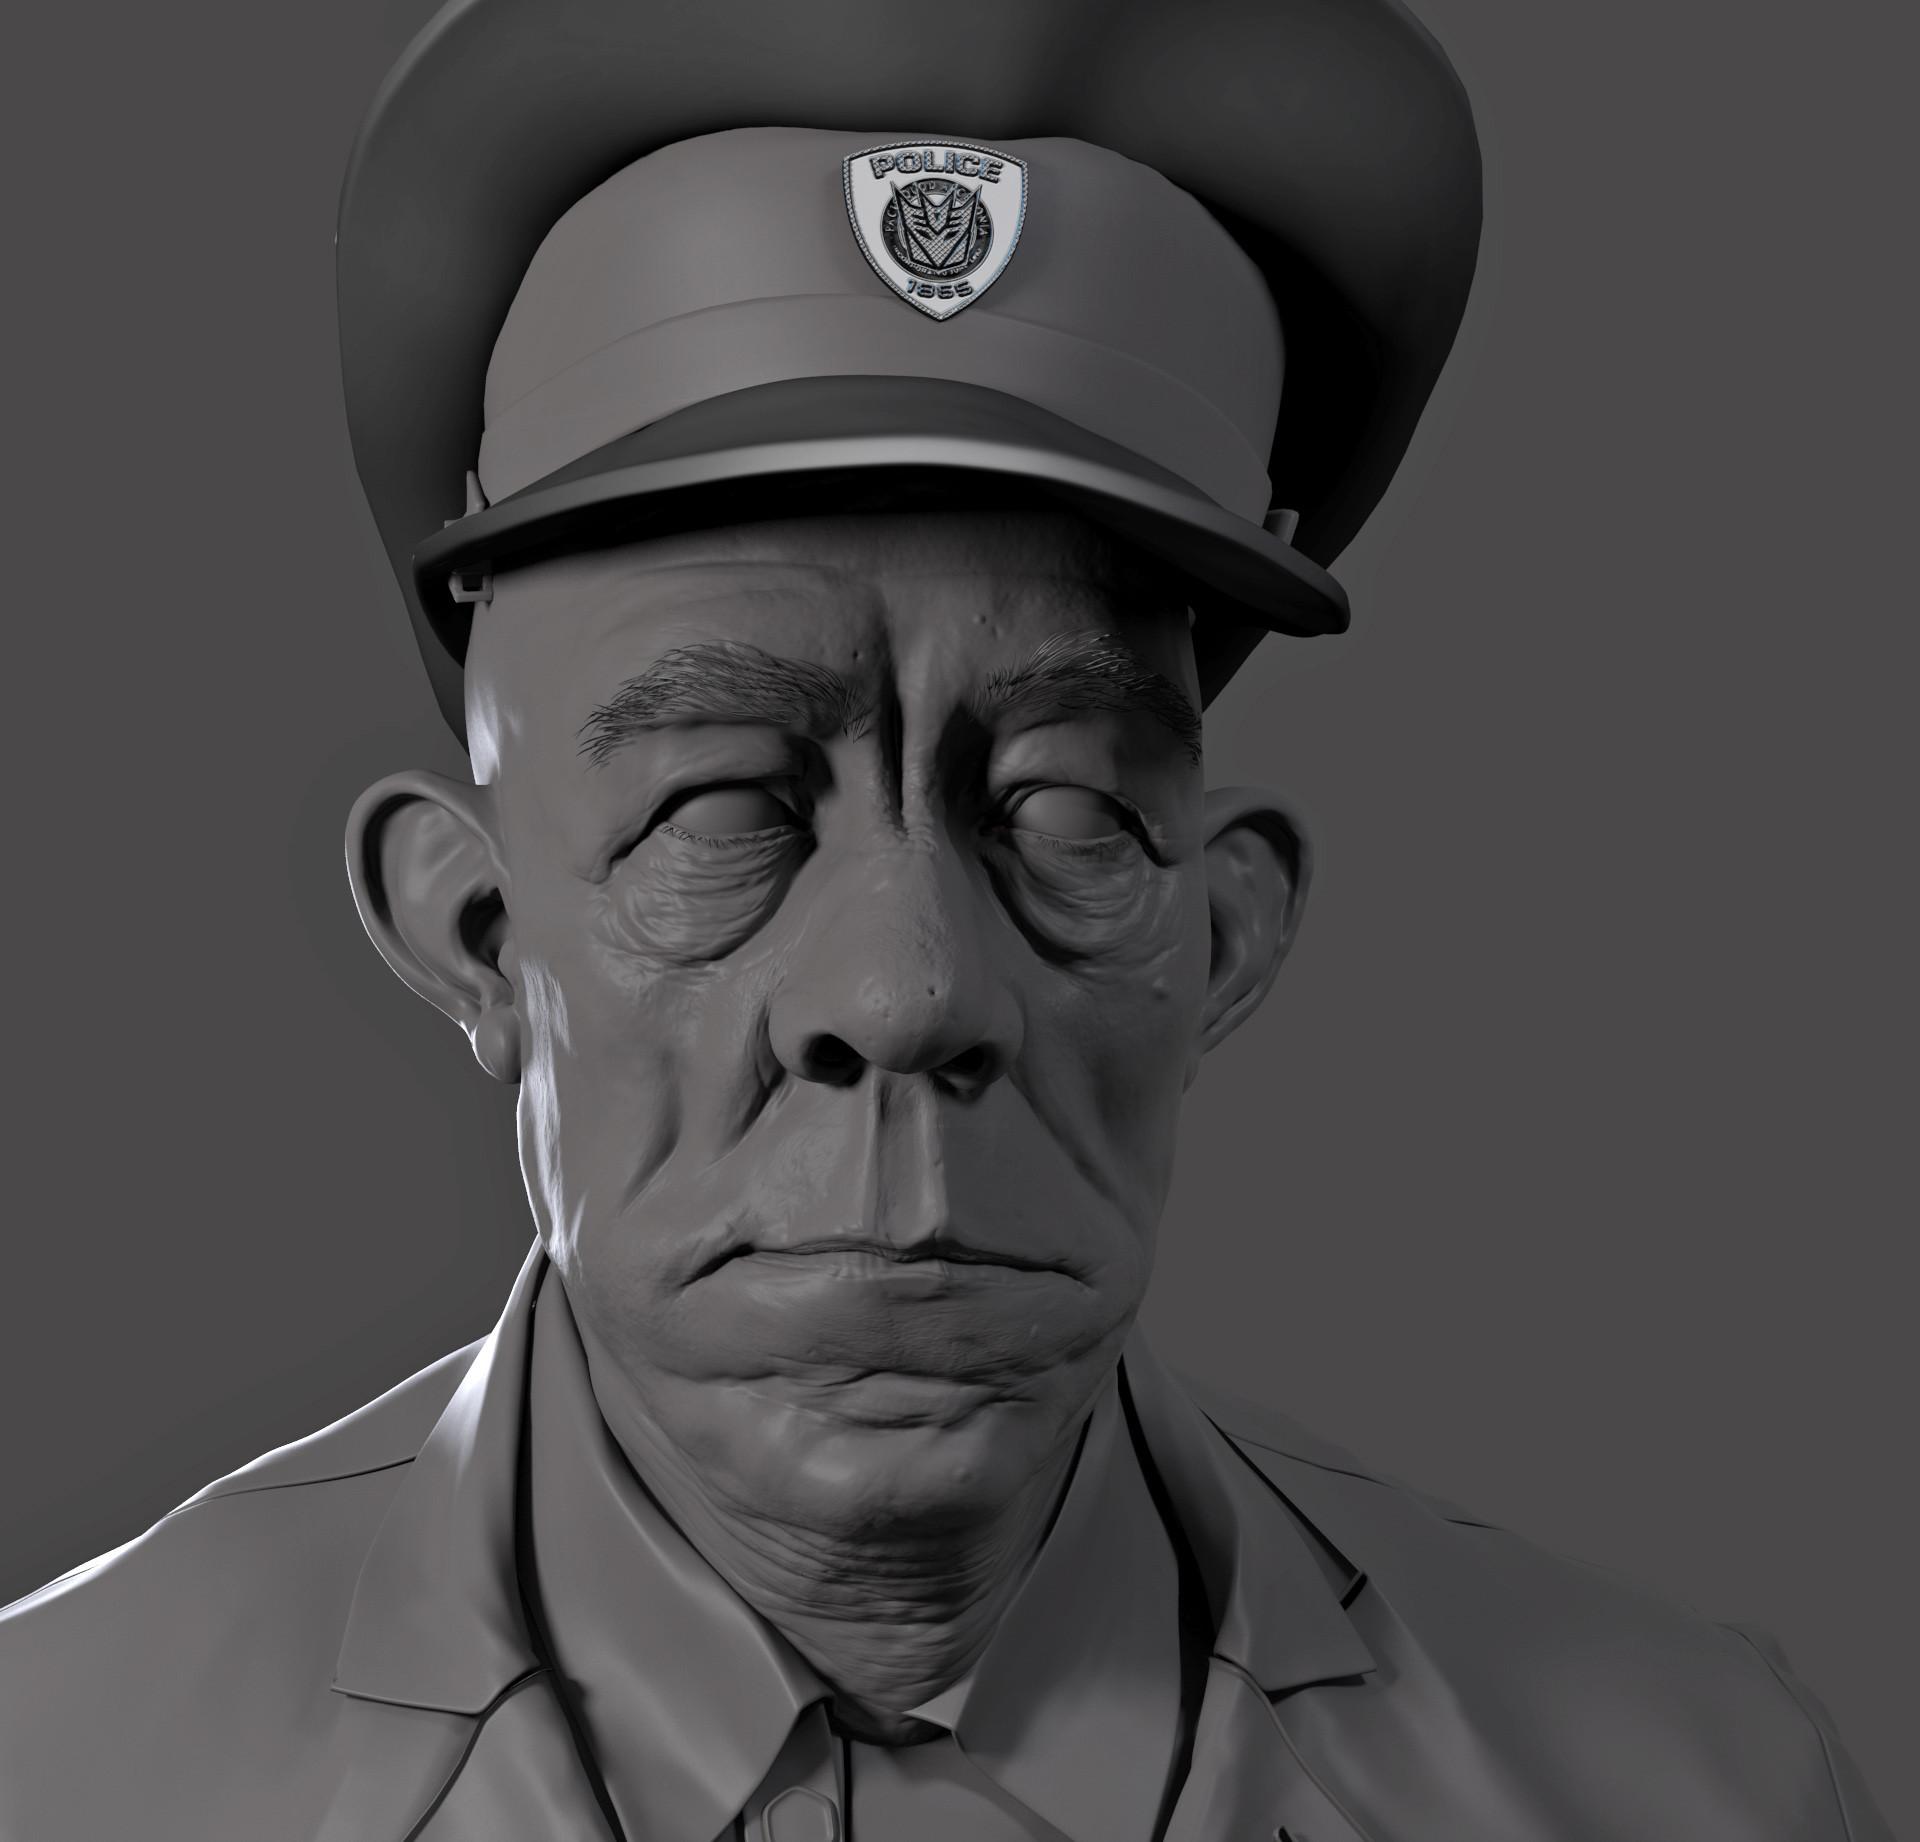 Pierre benjamin new sergeant